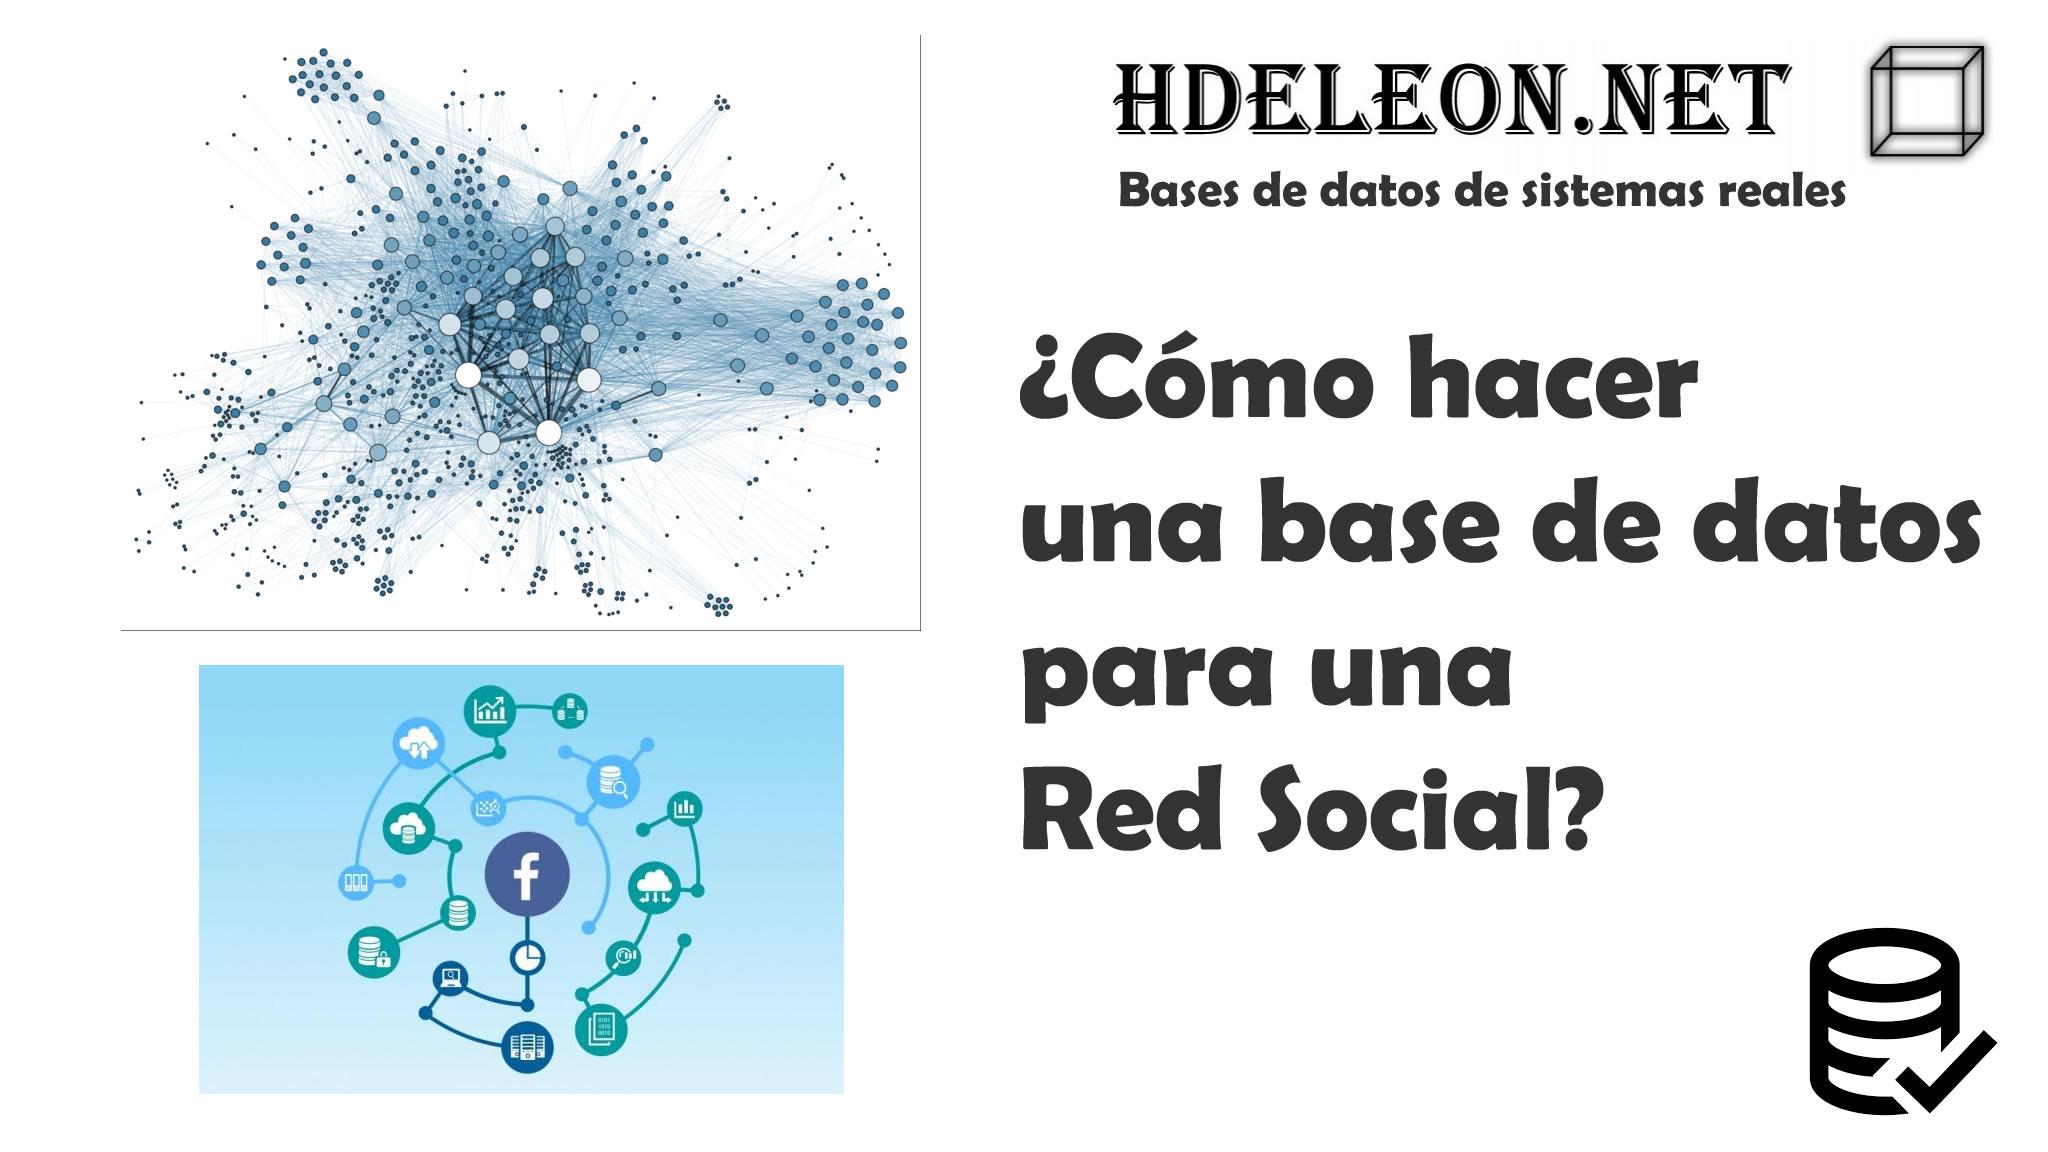 ¿Cómo hacer una base de datos para una Red Social?